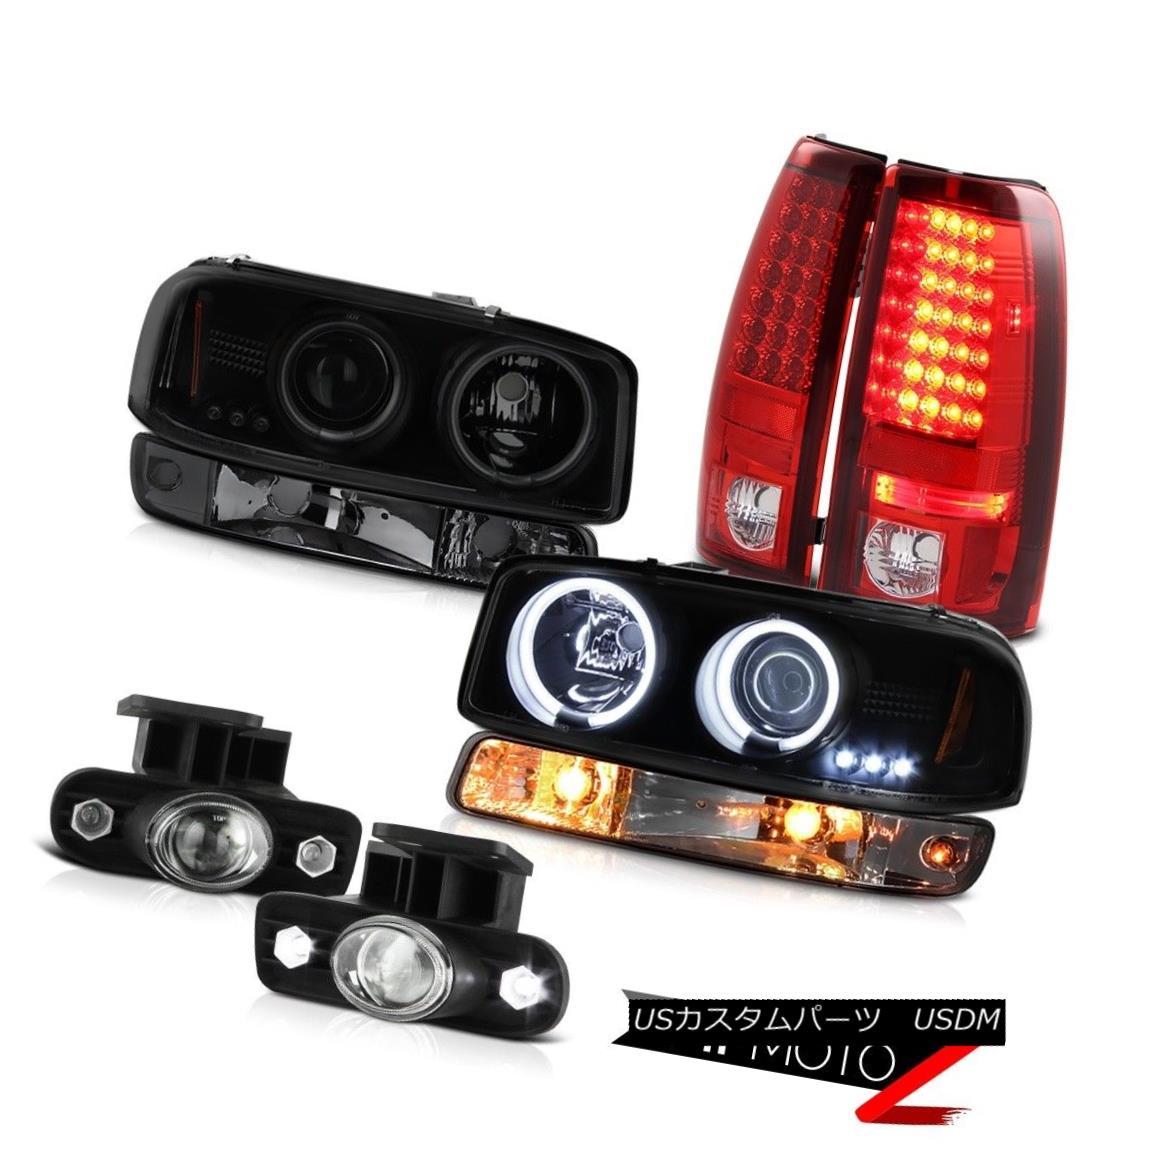 テールライト 99-02 Sierra WT Fog lamps wine red led tail brake signal lamp ccfl Headlamps 99-02シエラWTフォグランプワインレッドテールブレーキ信号ランプccflヘッドランプ